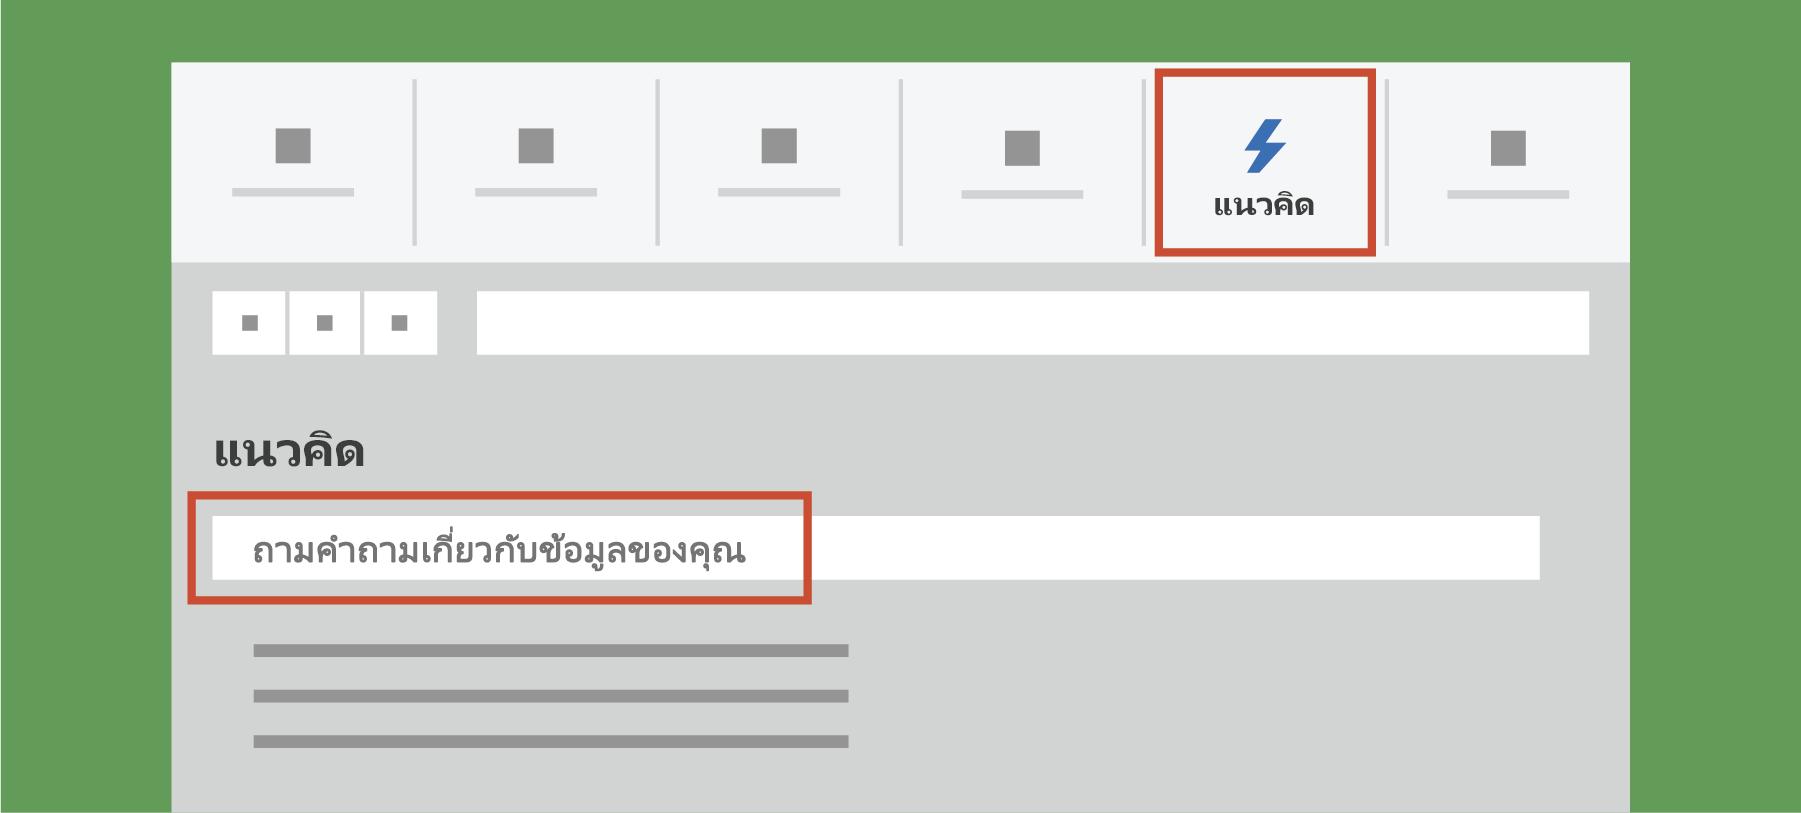 แสดงไอเดียใน Excel